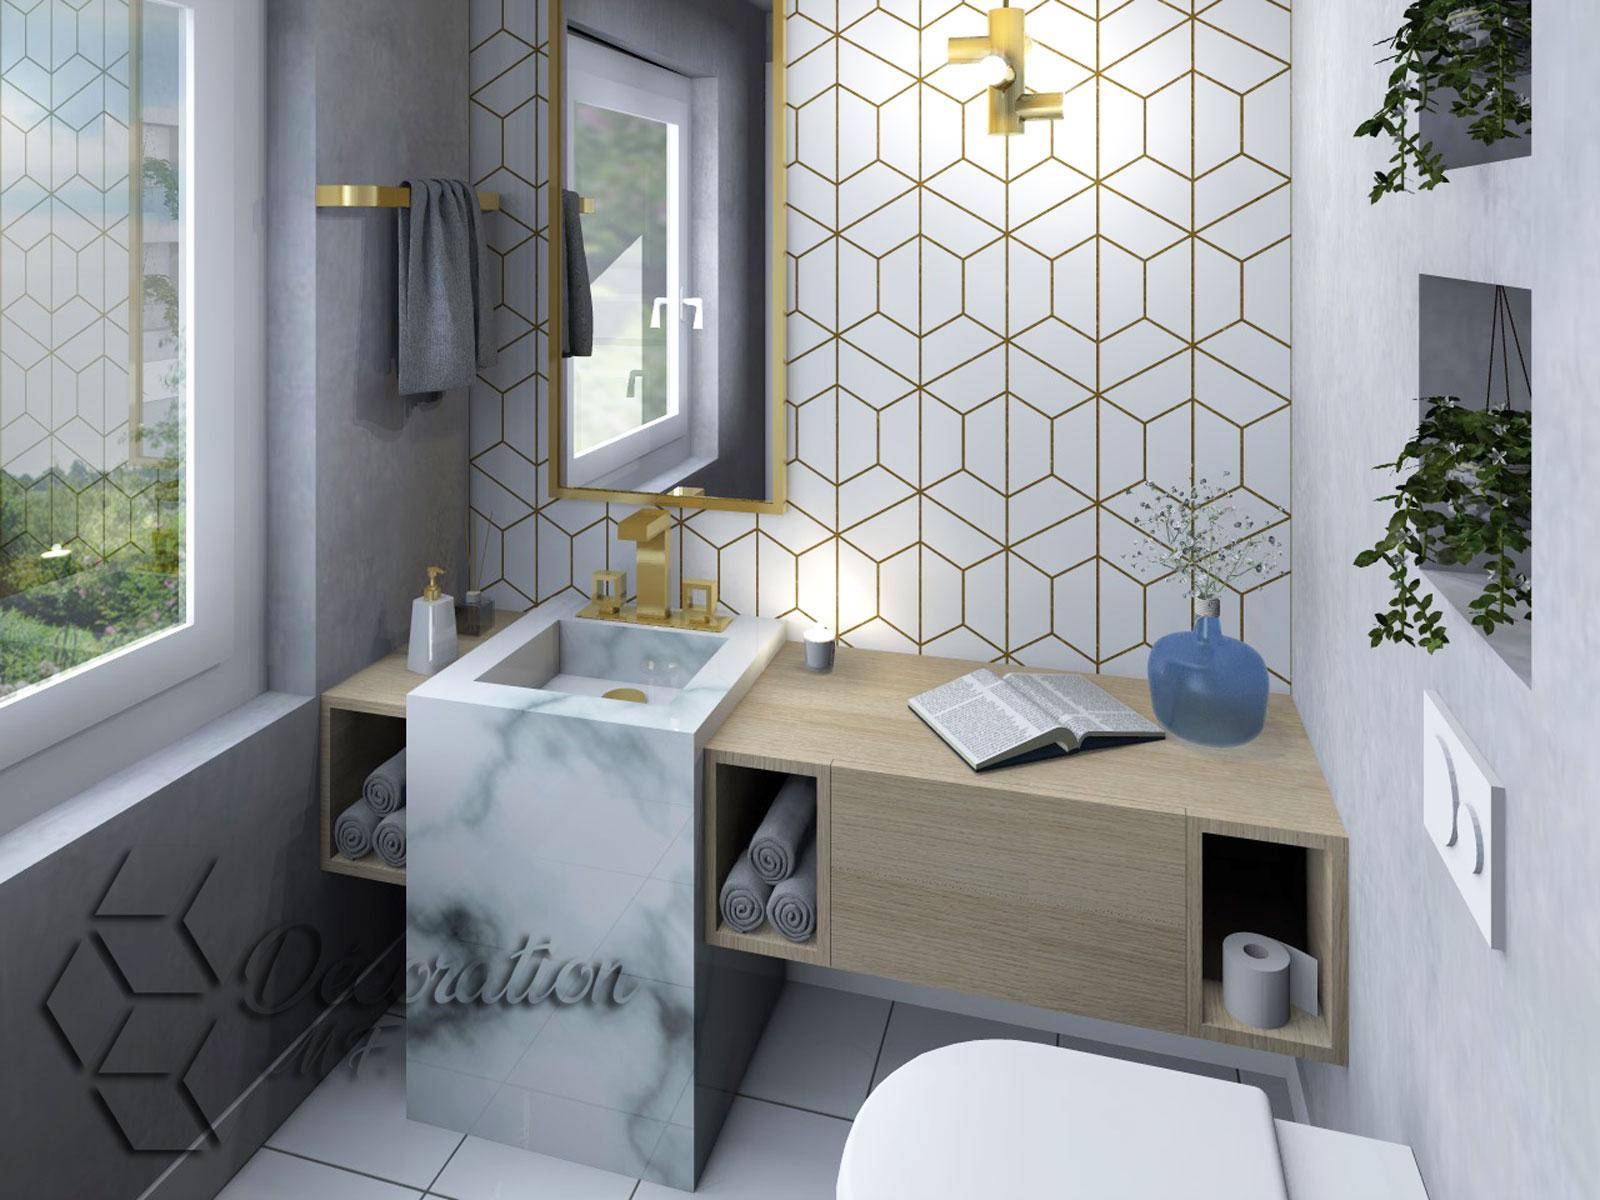 Toilettes-luxe-vue-1-fini